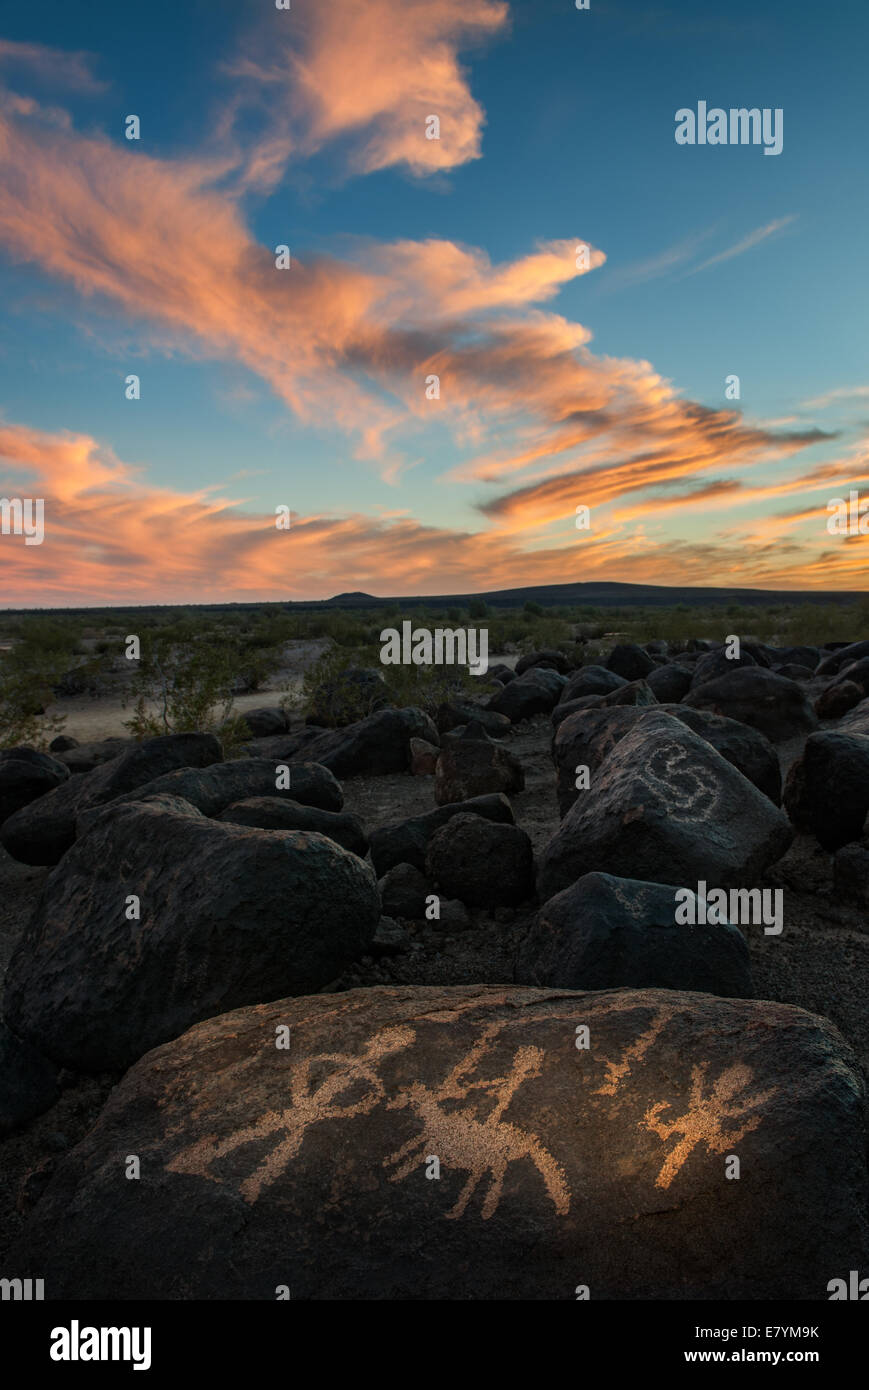 Las tallas de piedra nativa bajo un colorido atardecer cerca de Gila Bend, Arizona. Foto de stock